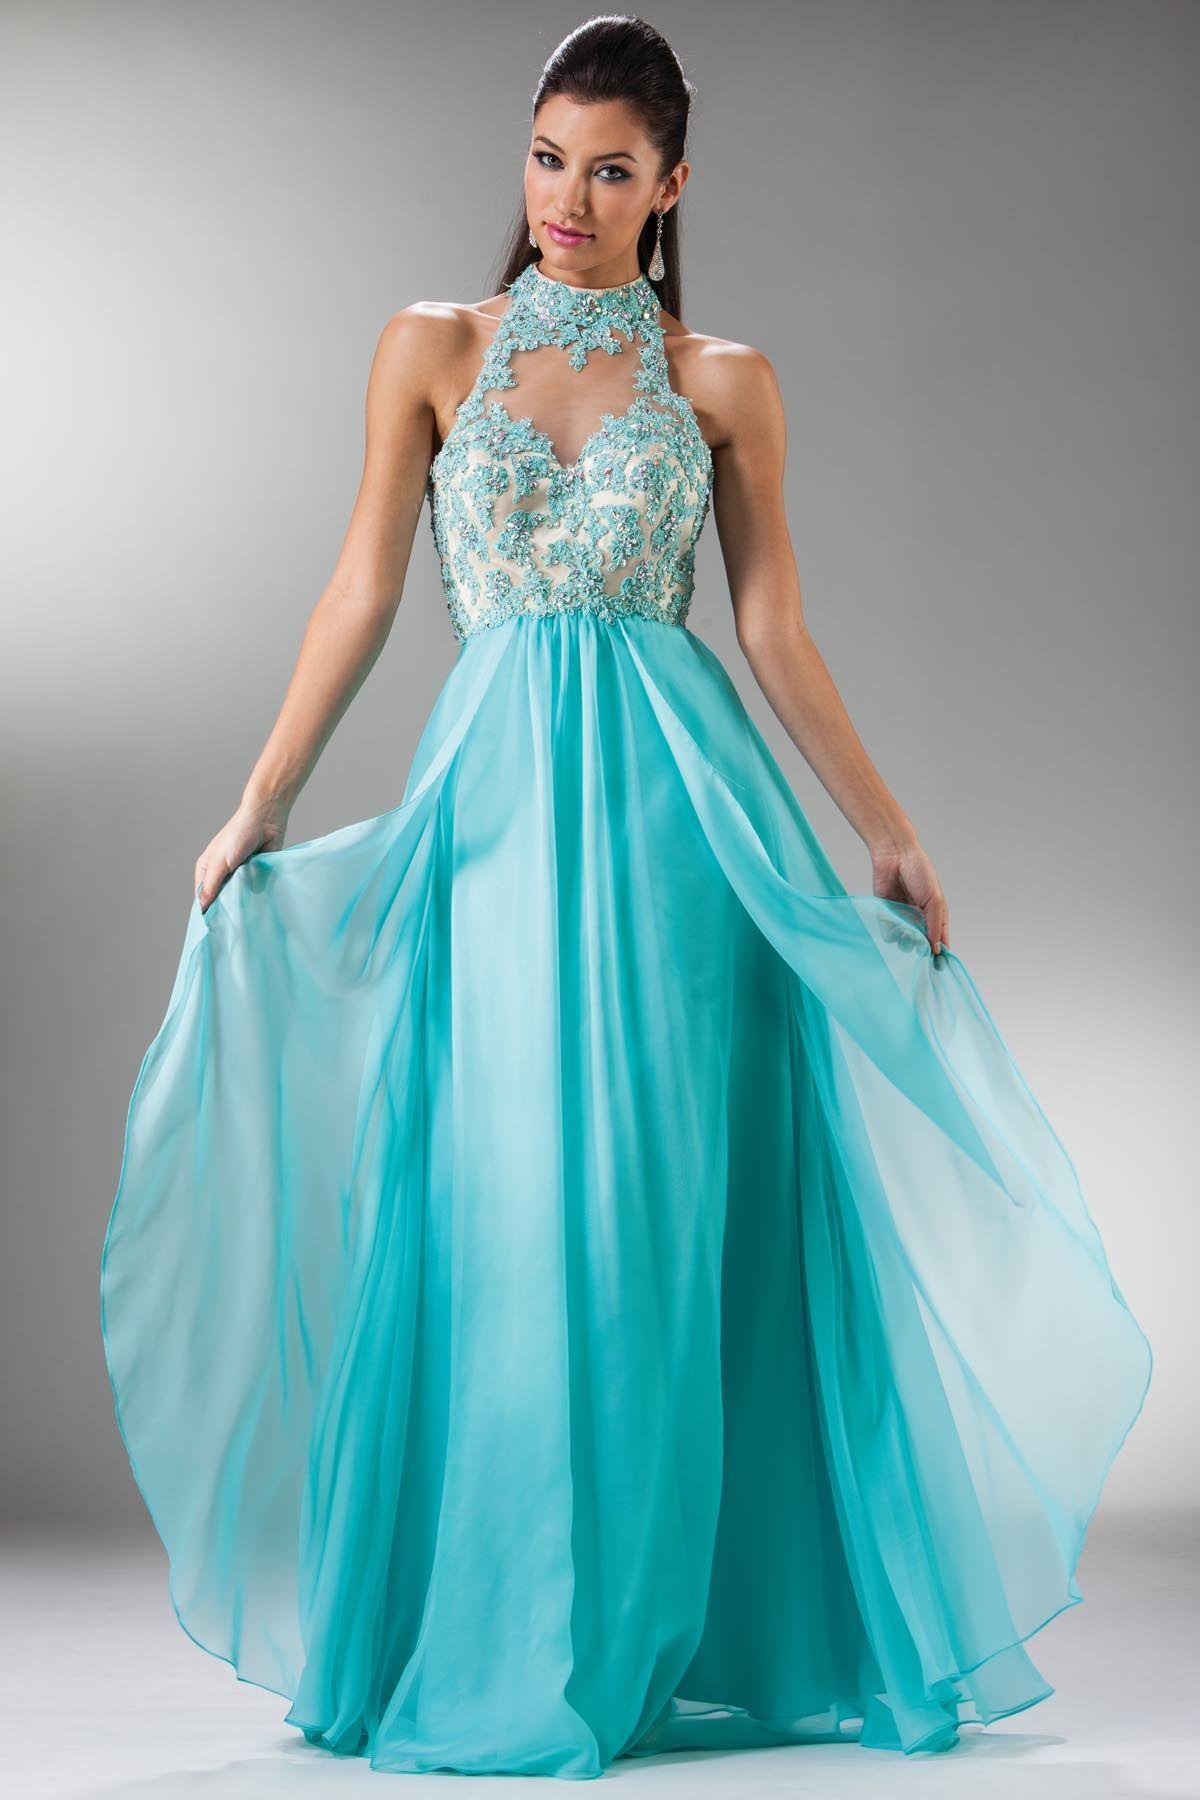 _1392812155.jpg (1200×1800) | prom dresses | Pinterest